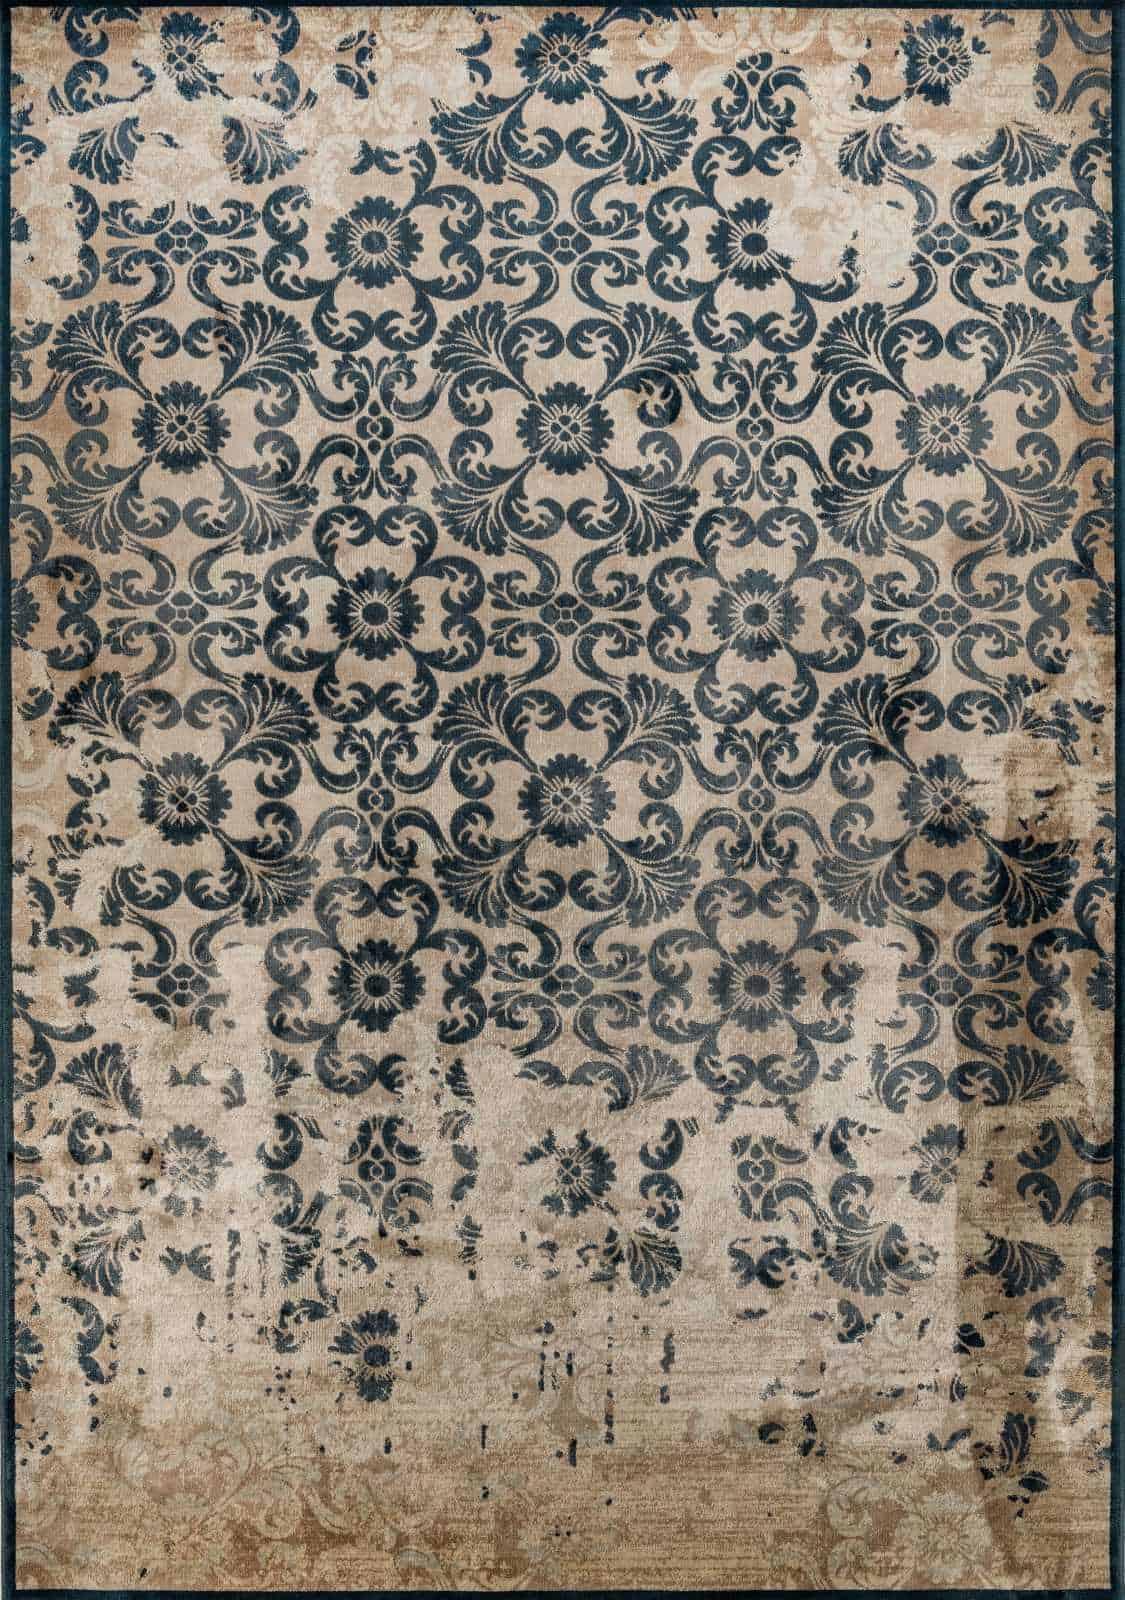 שטיח וינטג' דוגמת פרחים